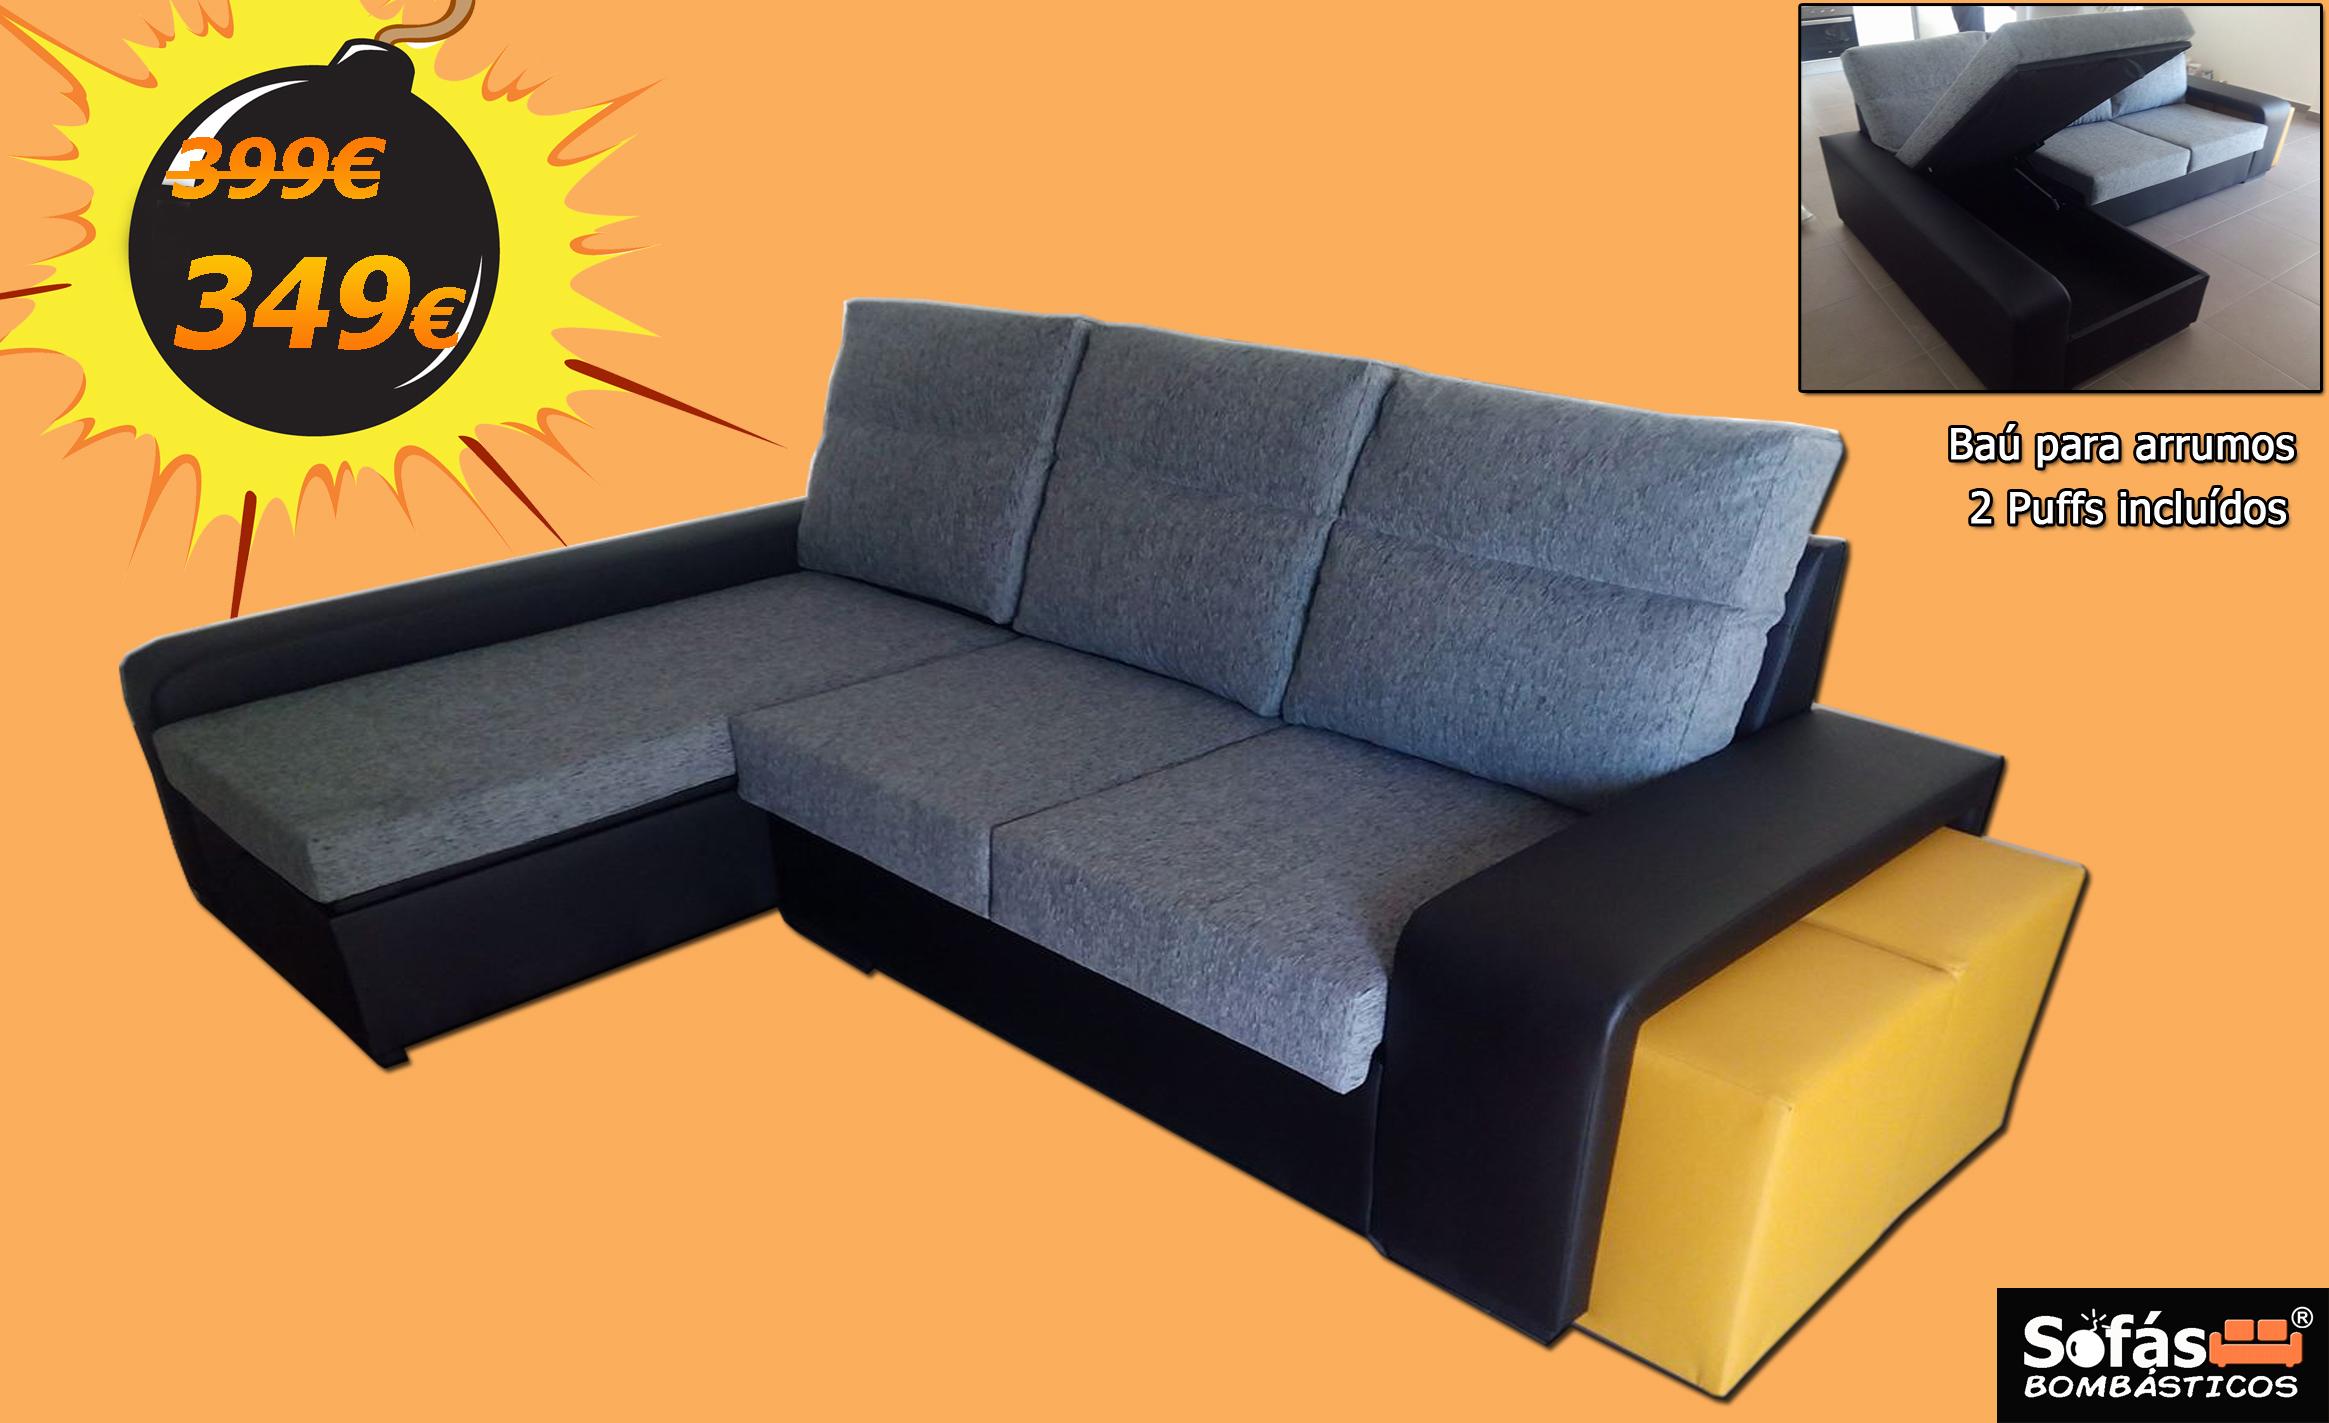 Sof s bomb sticos sof s baratos desde 199 for Sofas originales baratos